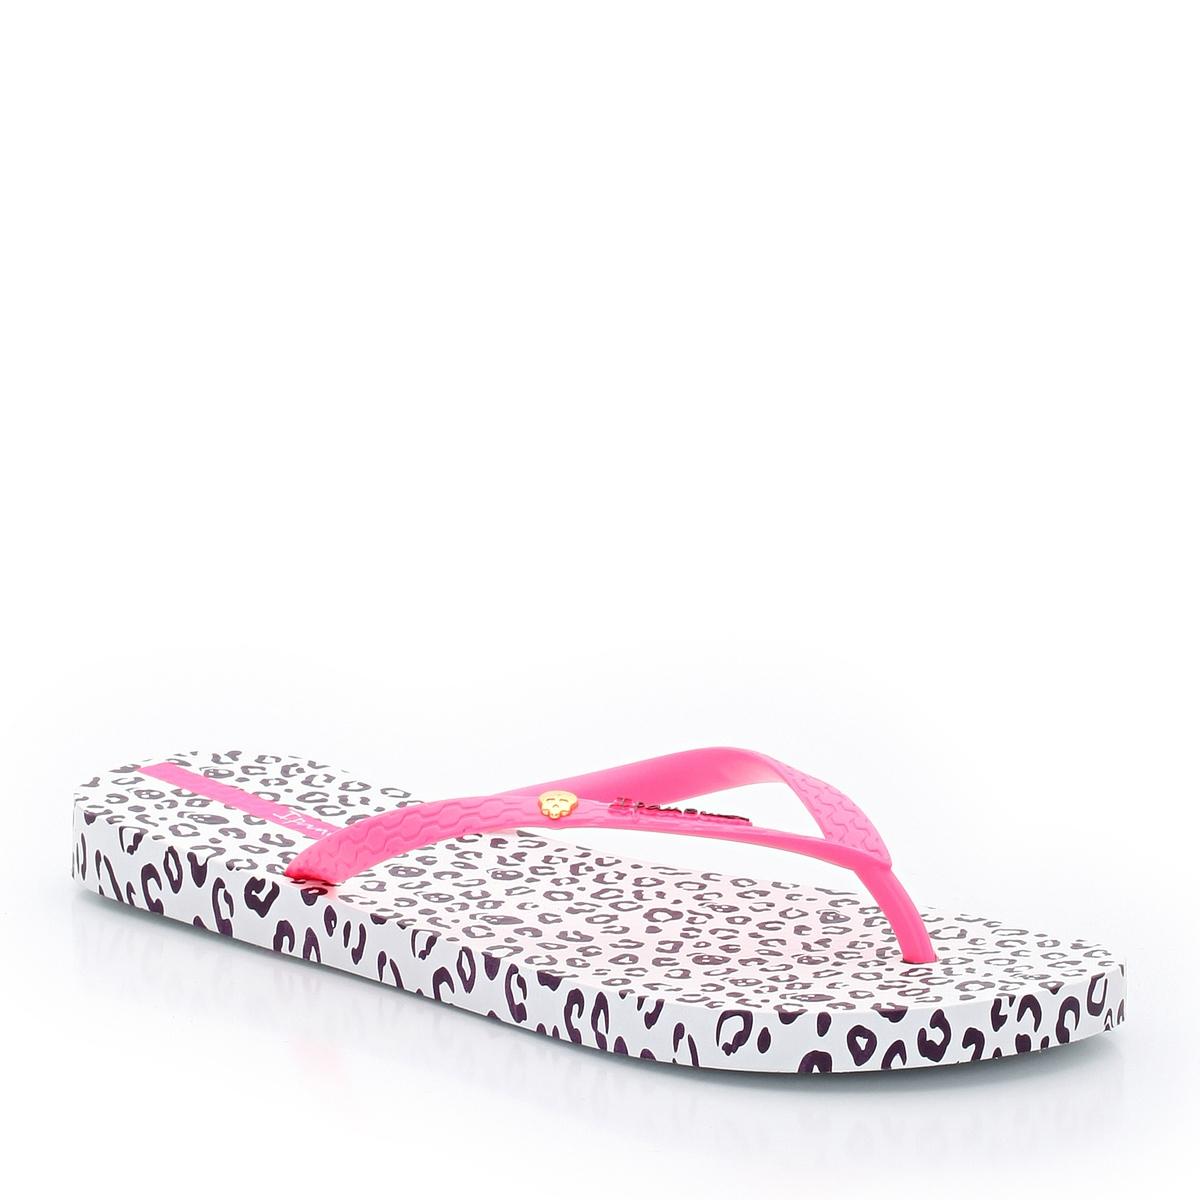 Вьетнамки  Animal PrintВерх : Синтетический материал          Подошва : Синтетический материал       Форма каблука : плоский Мысок : Открытый. Застежка : без застежки<br><br>Цвет: белый/розовый рисунок<br>Размер: 38